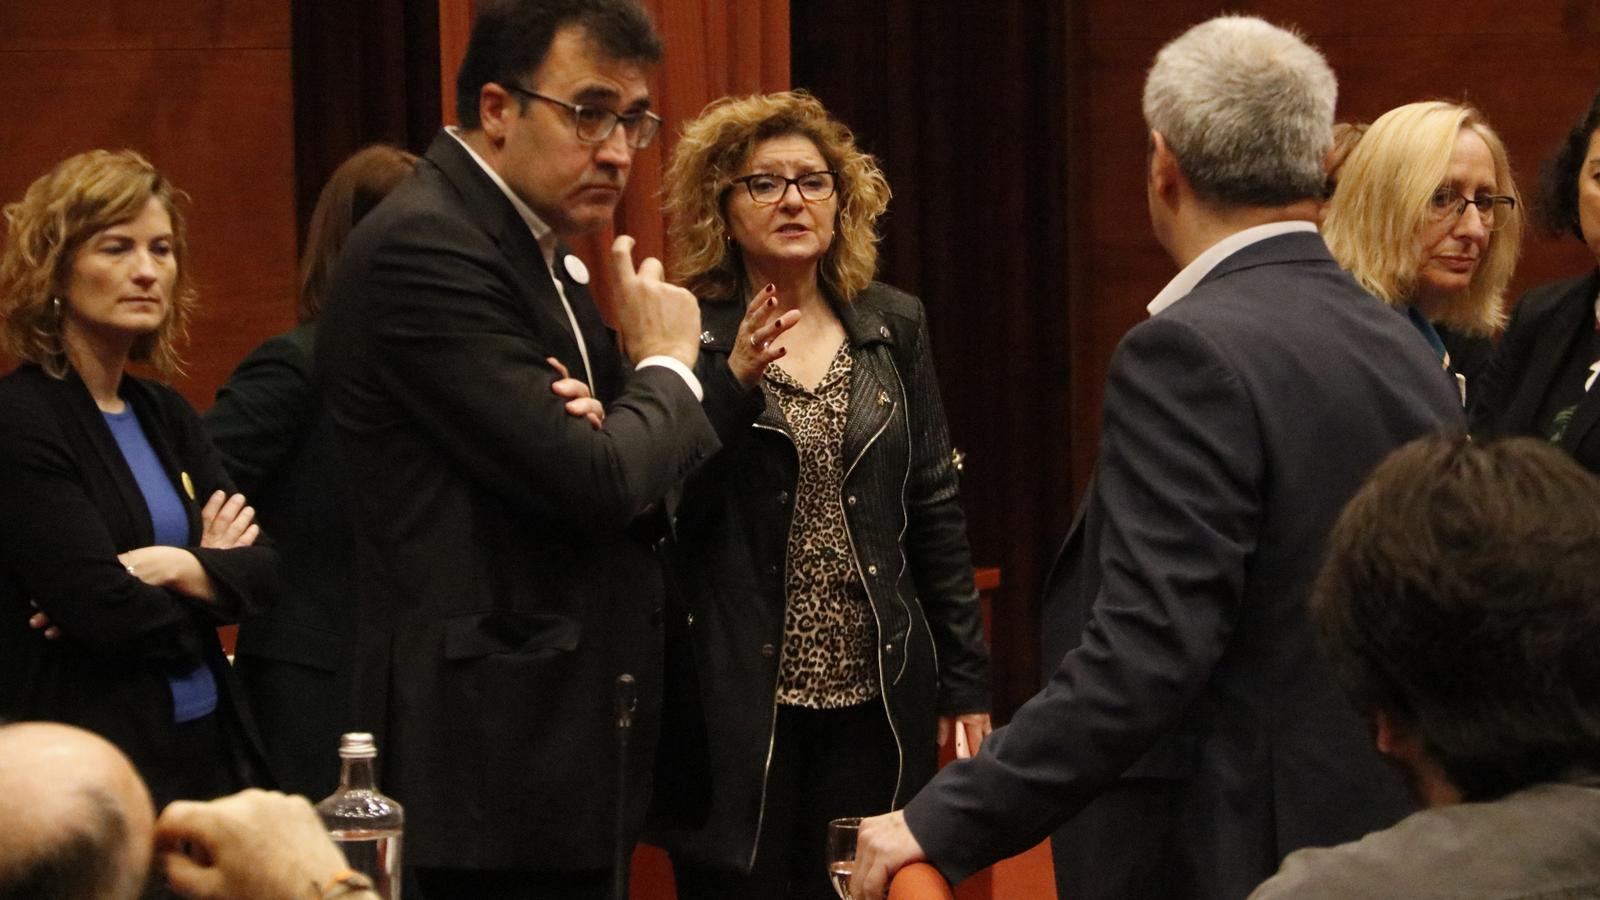 Els diputats de la Comissió d'Economia debaten quines mesures prendre pel coronavirus.